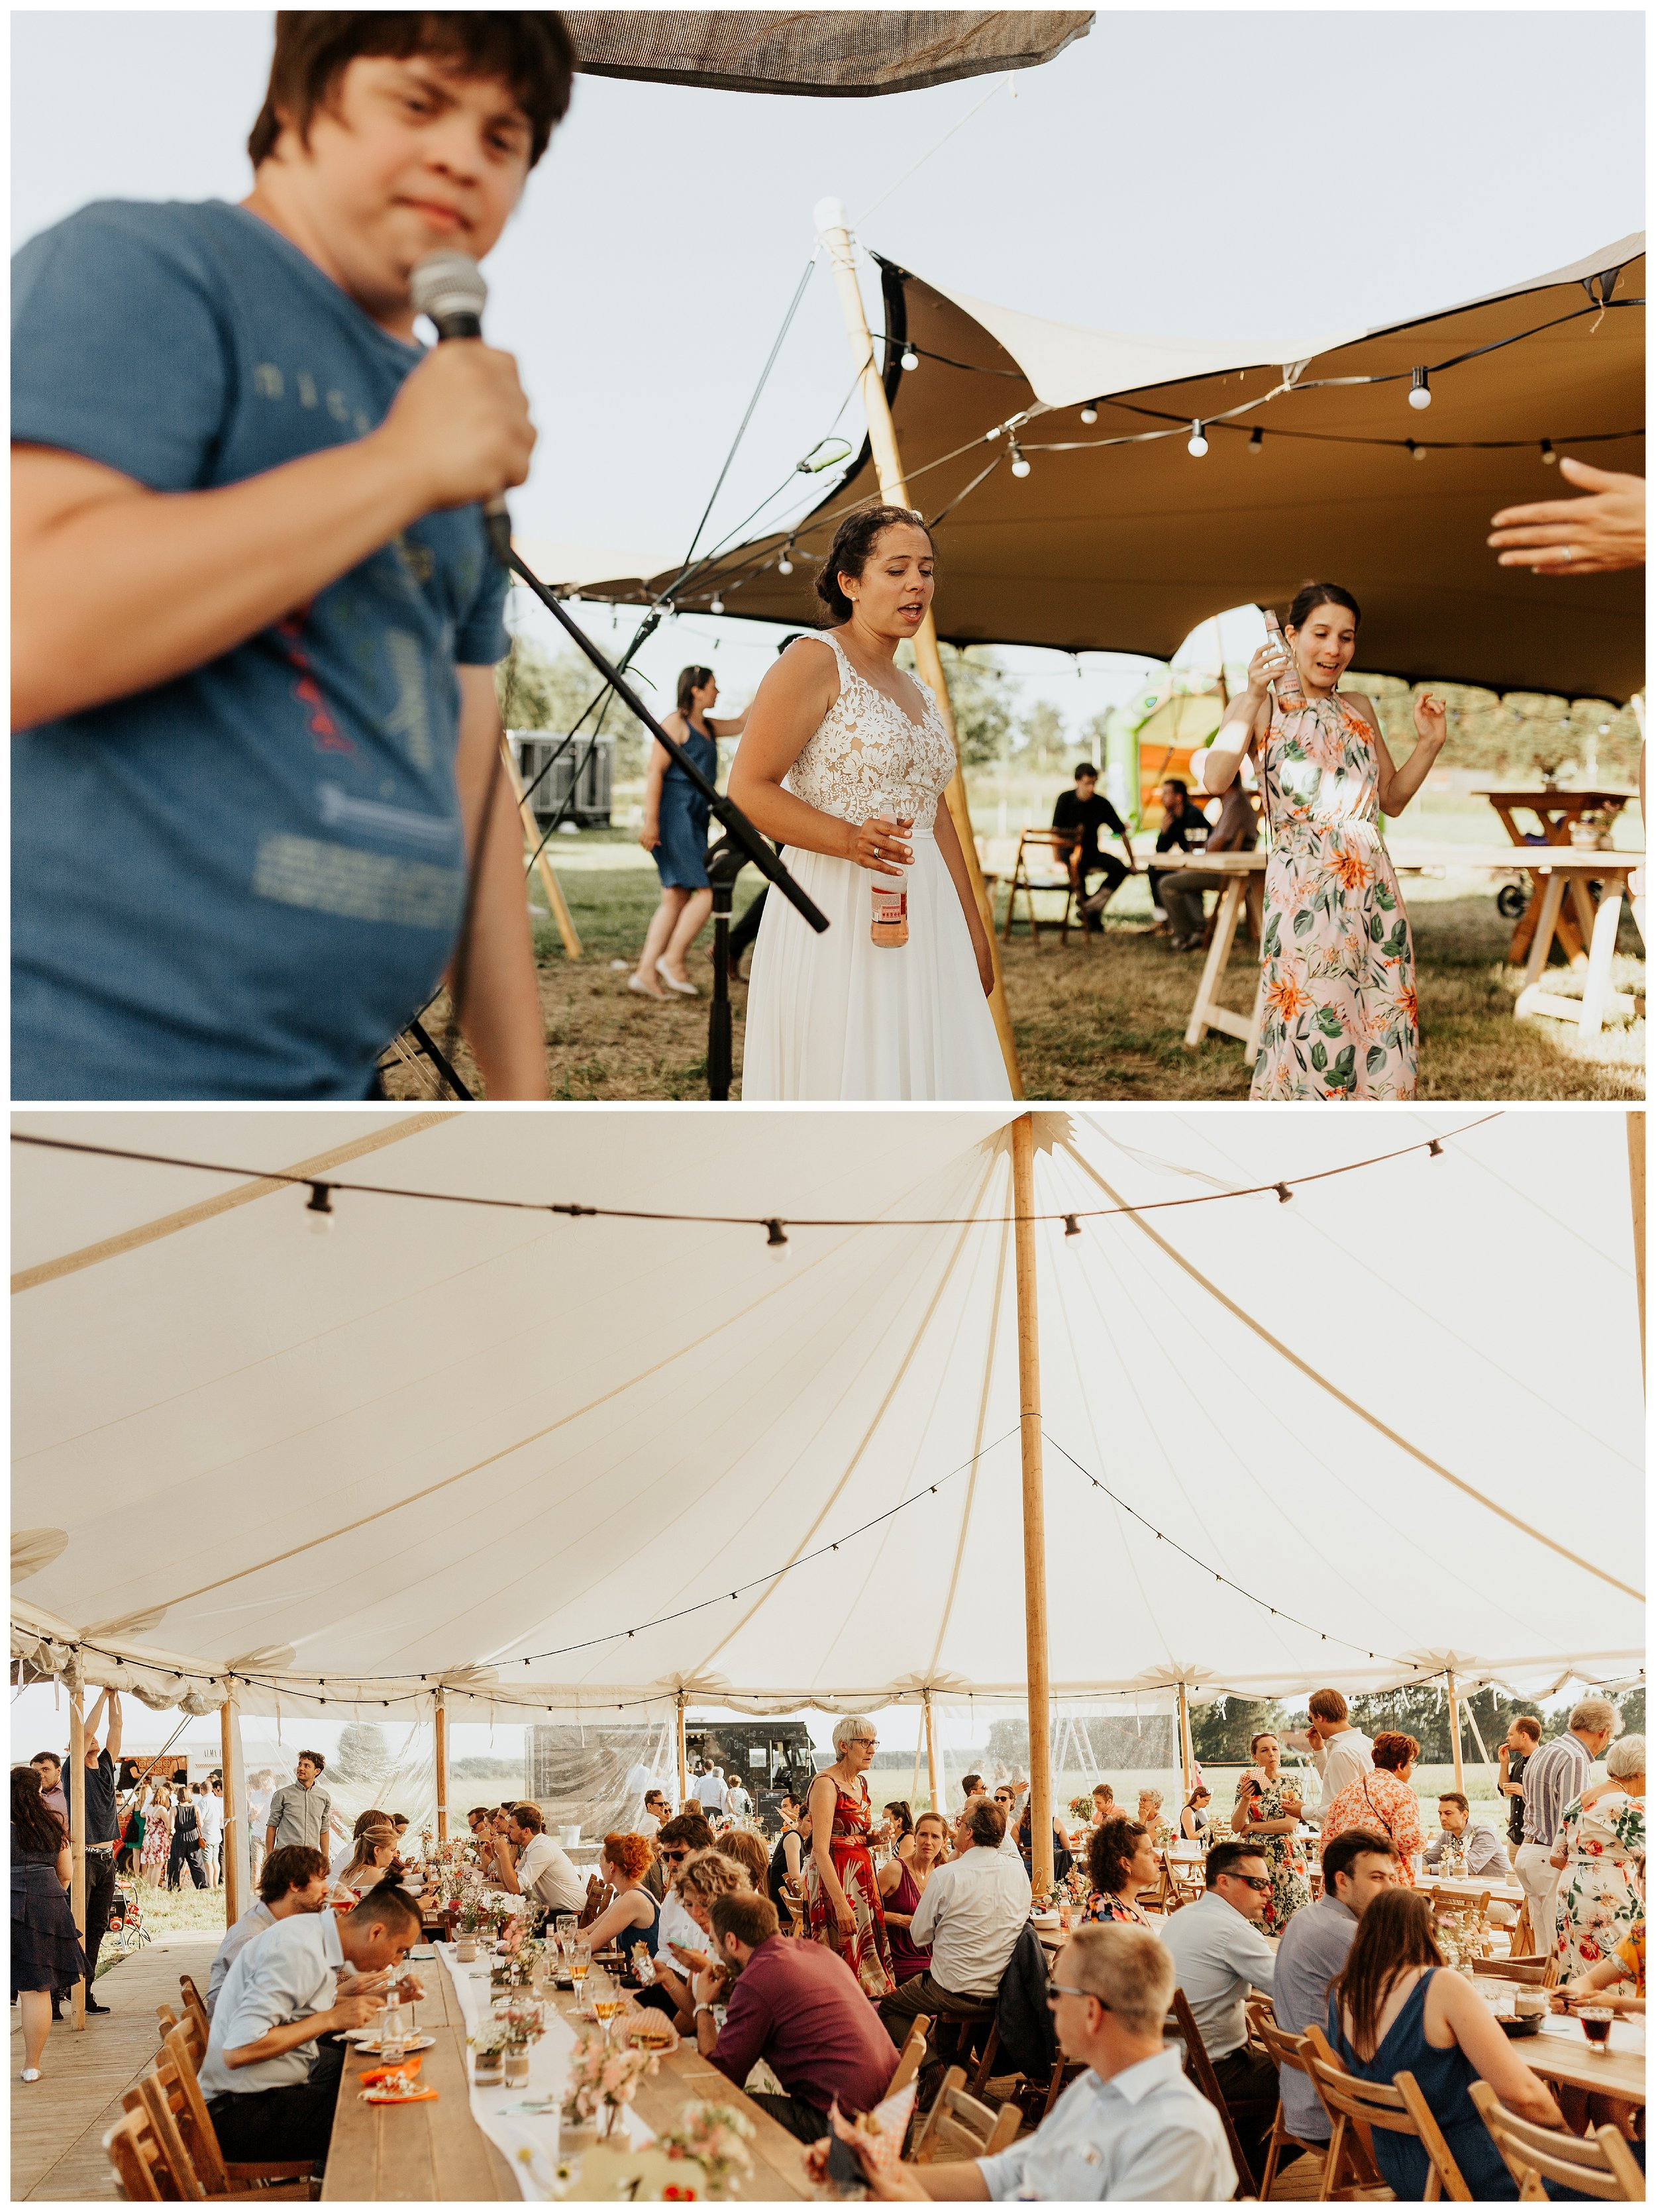 huwelijksfotograaf-huwelijksfotografie-knokke-heist-lisa-helsen-photography-trouwfotograaf-trouwfoto-sabine-pieter_0027.jpg